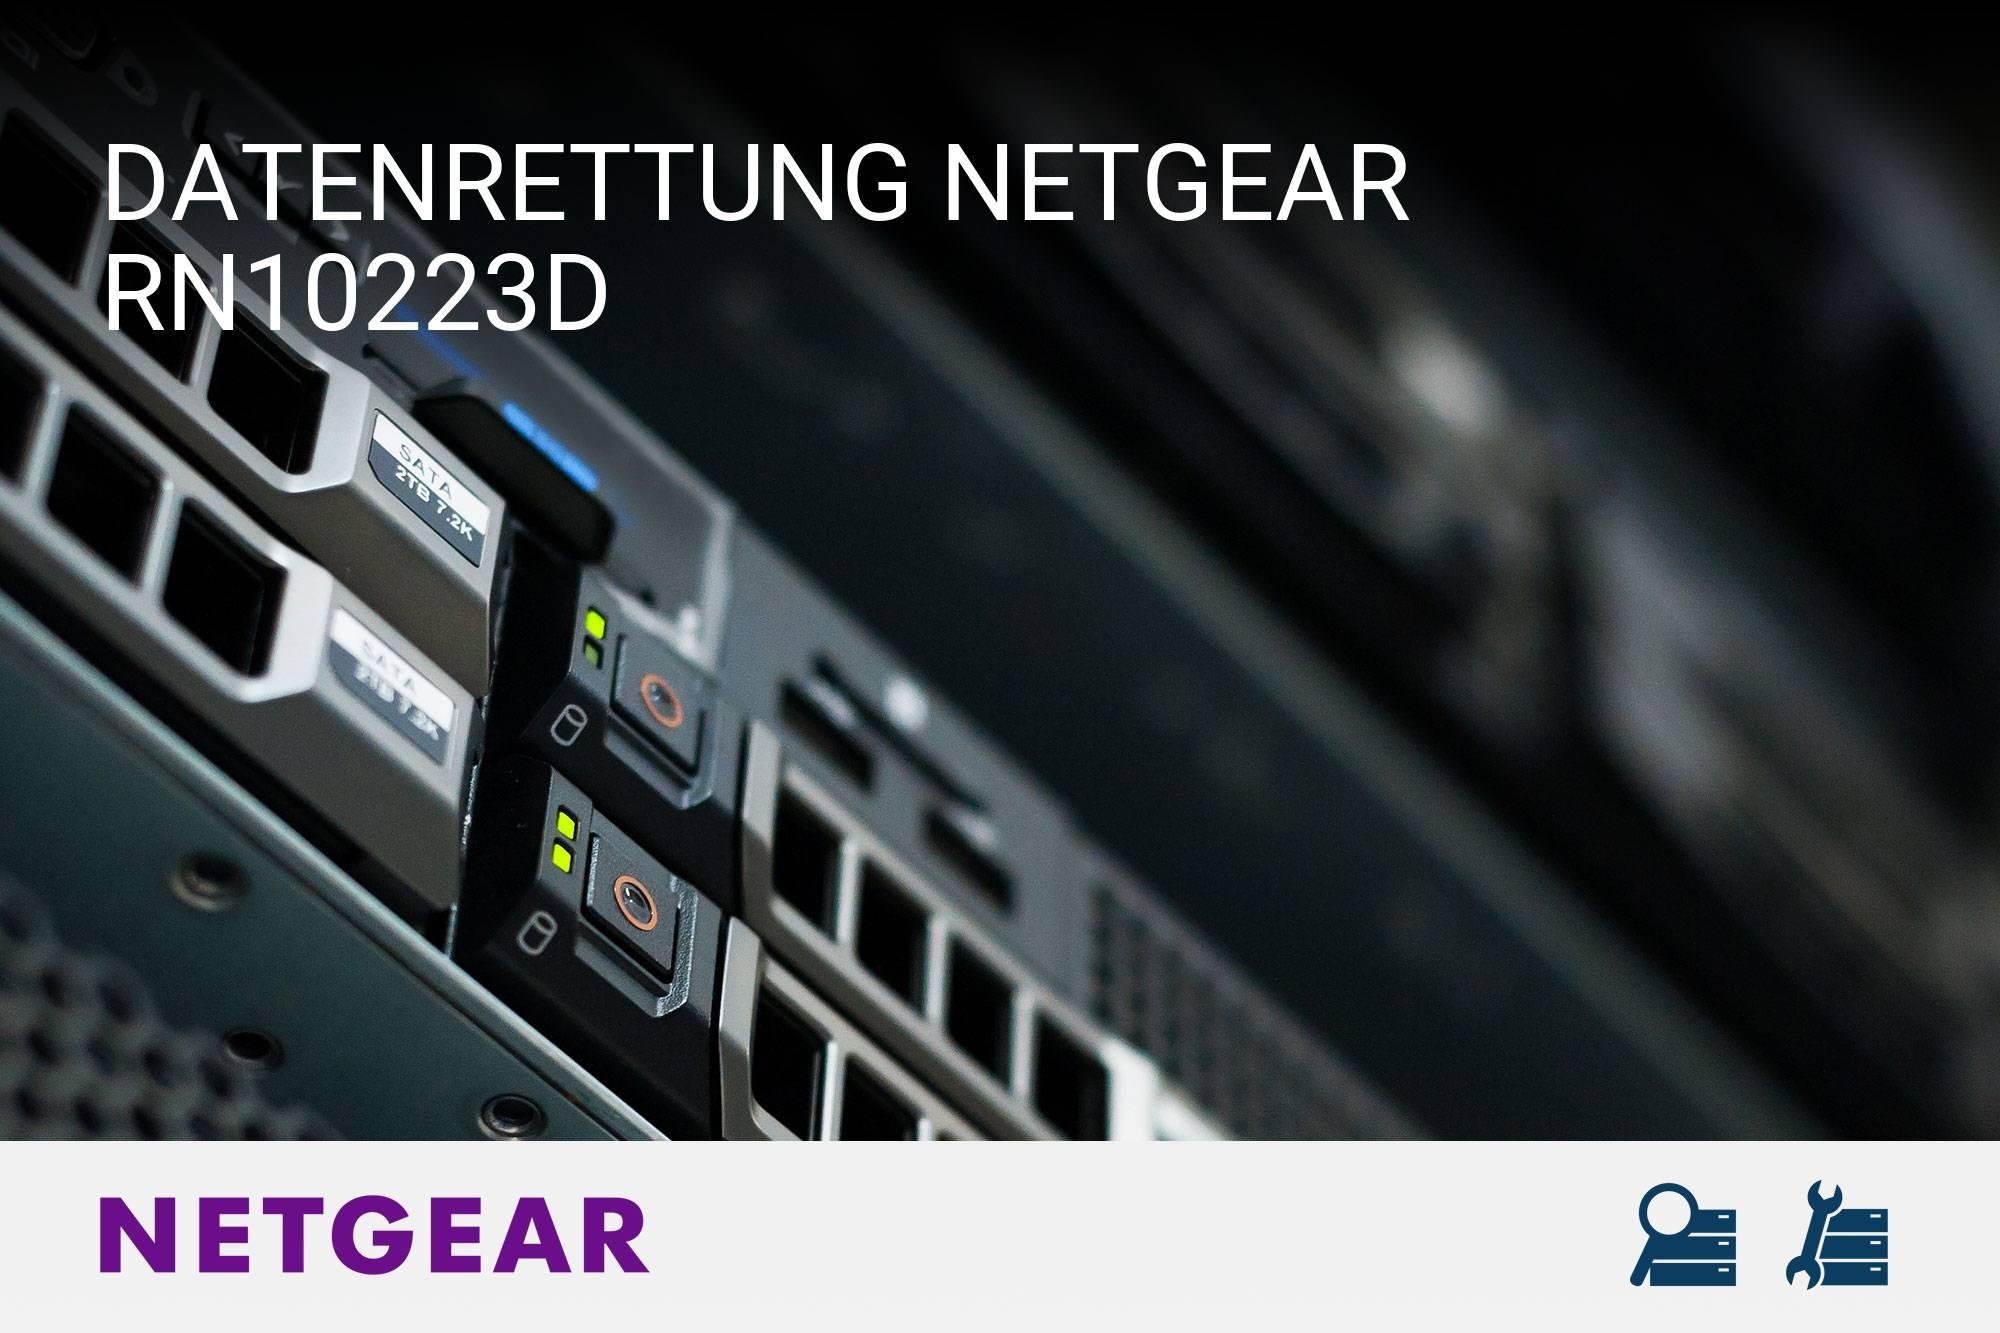 Netgear RN10223D